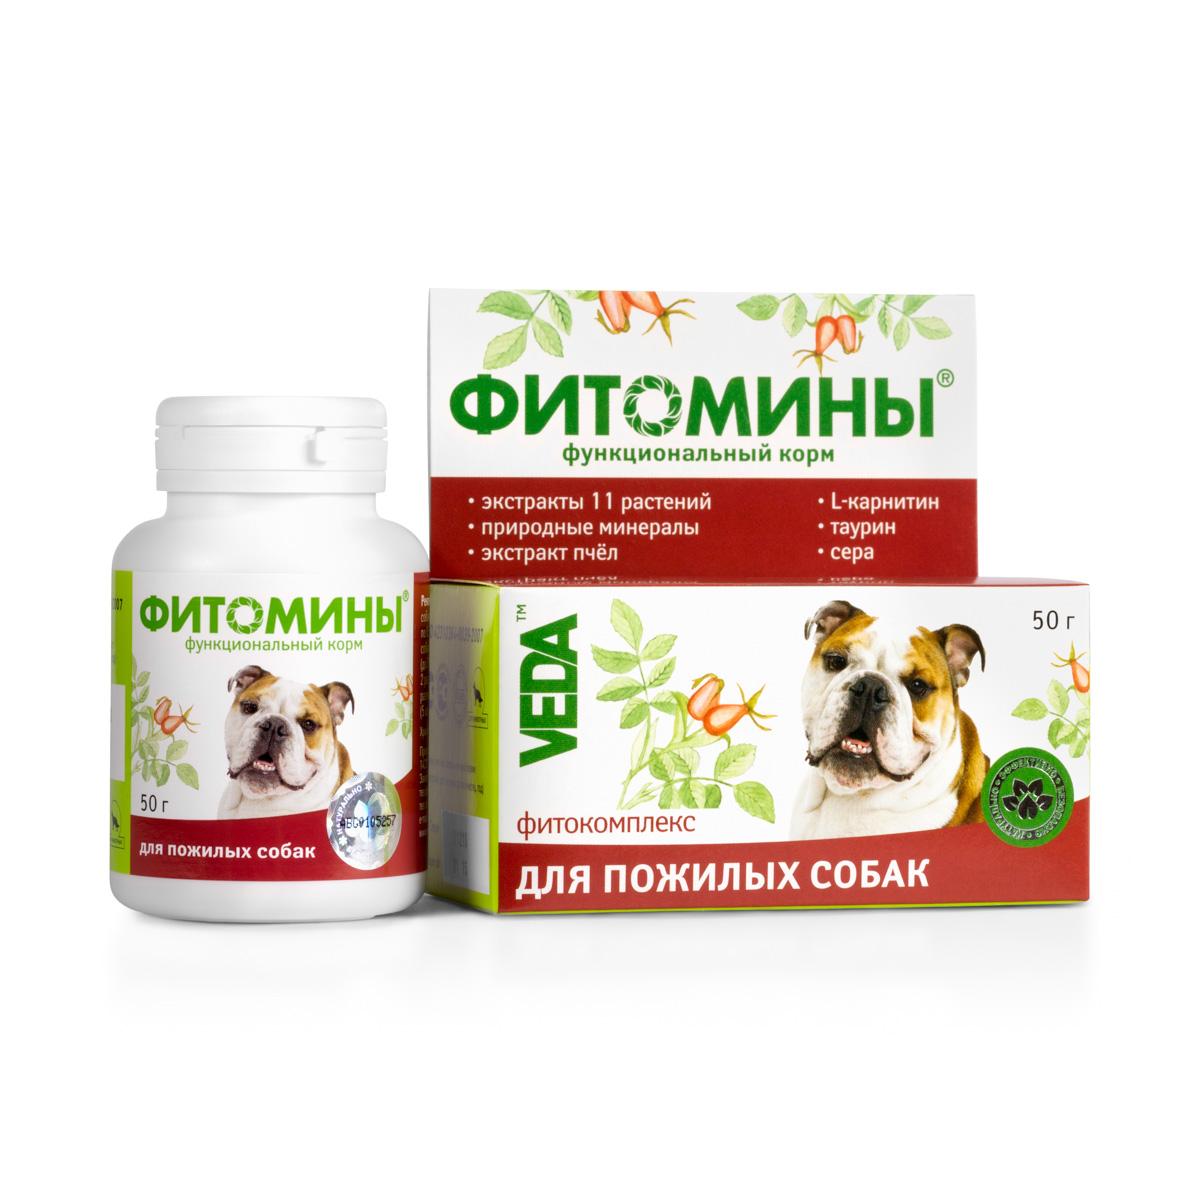 Фитомины функциональный корм для пожилых собак, 50 г4605543005961Улучшает питание сердечной мышцы, нормализует давление и кровообращение. Рекомендуется животным с нарушениями сердечно-сосудистой системы, периферического, мозгового и коронарного кровообращения.